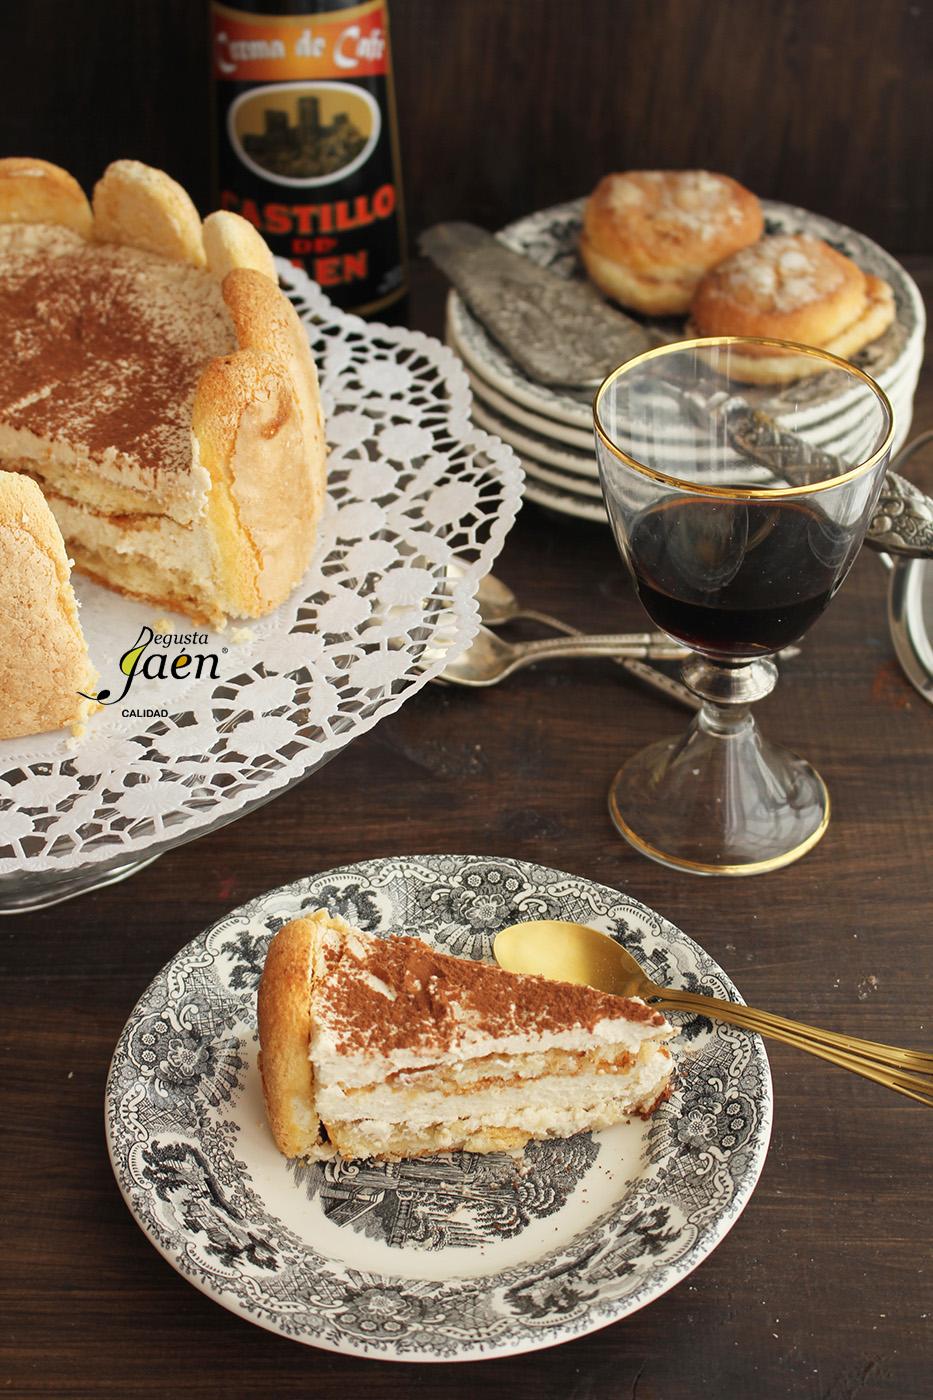 Carlota crema cafe Degusta Jaen